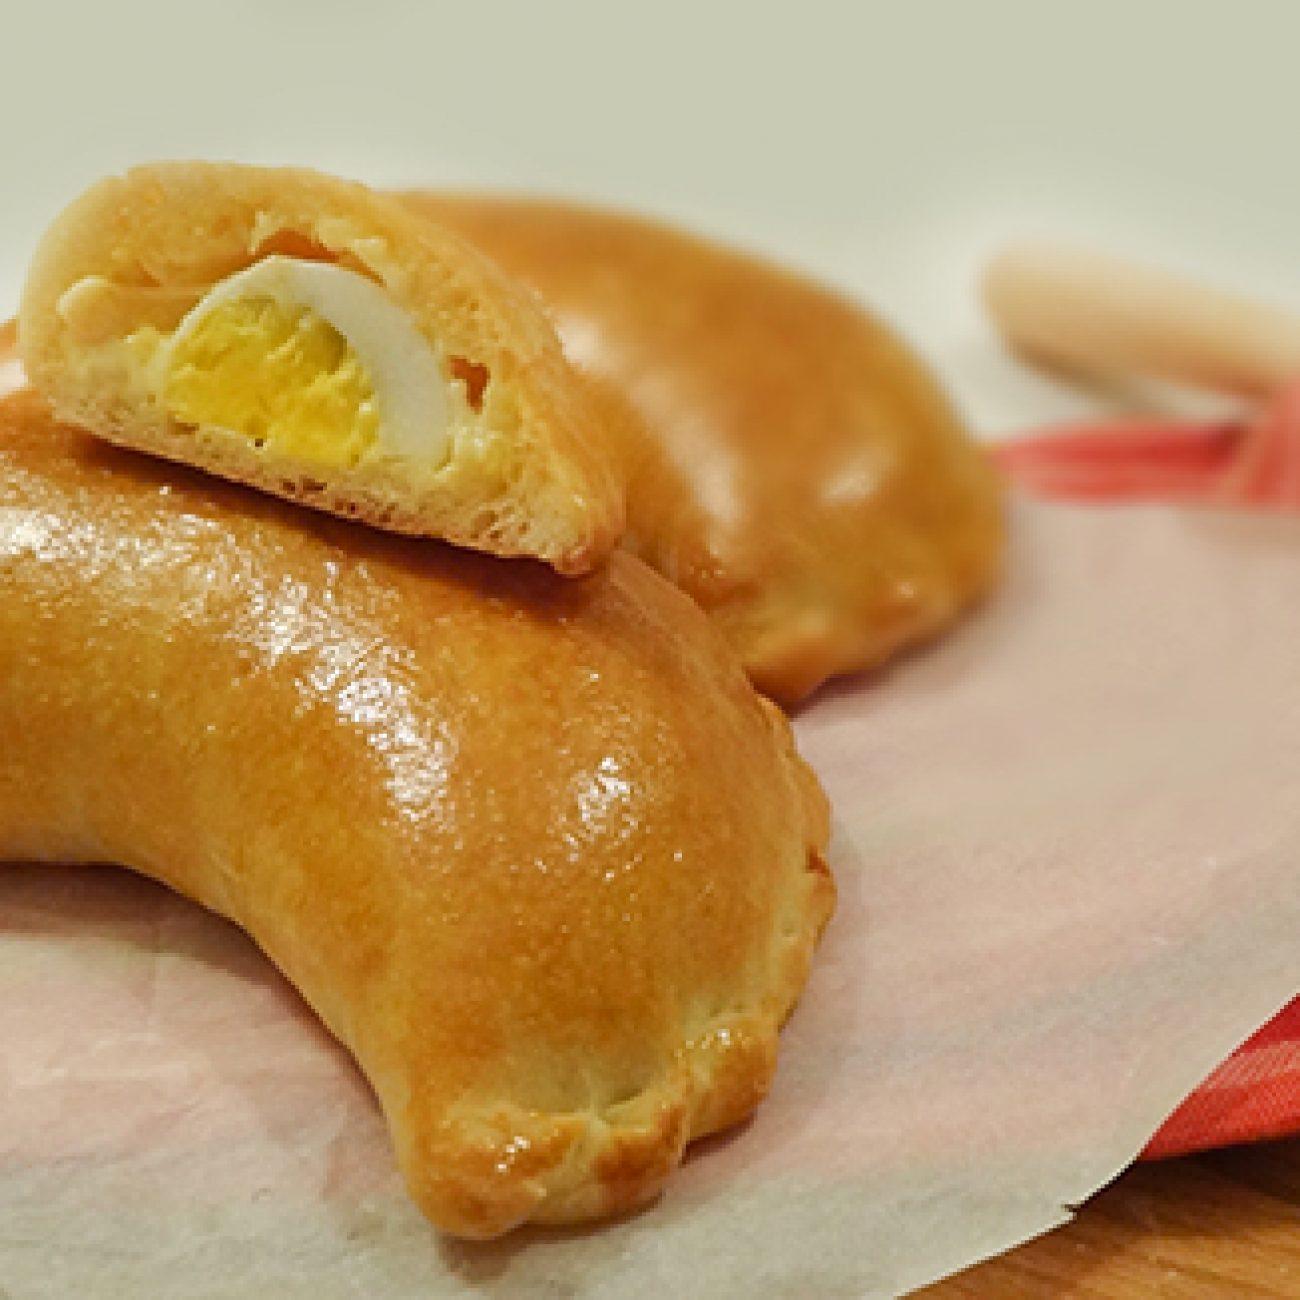 ождественские пирожки с сюрпризом – Гвезели